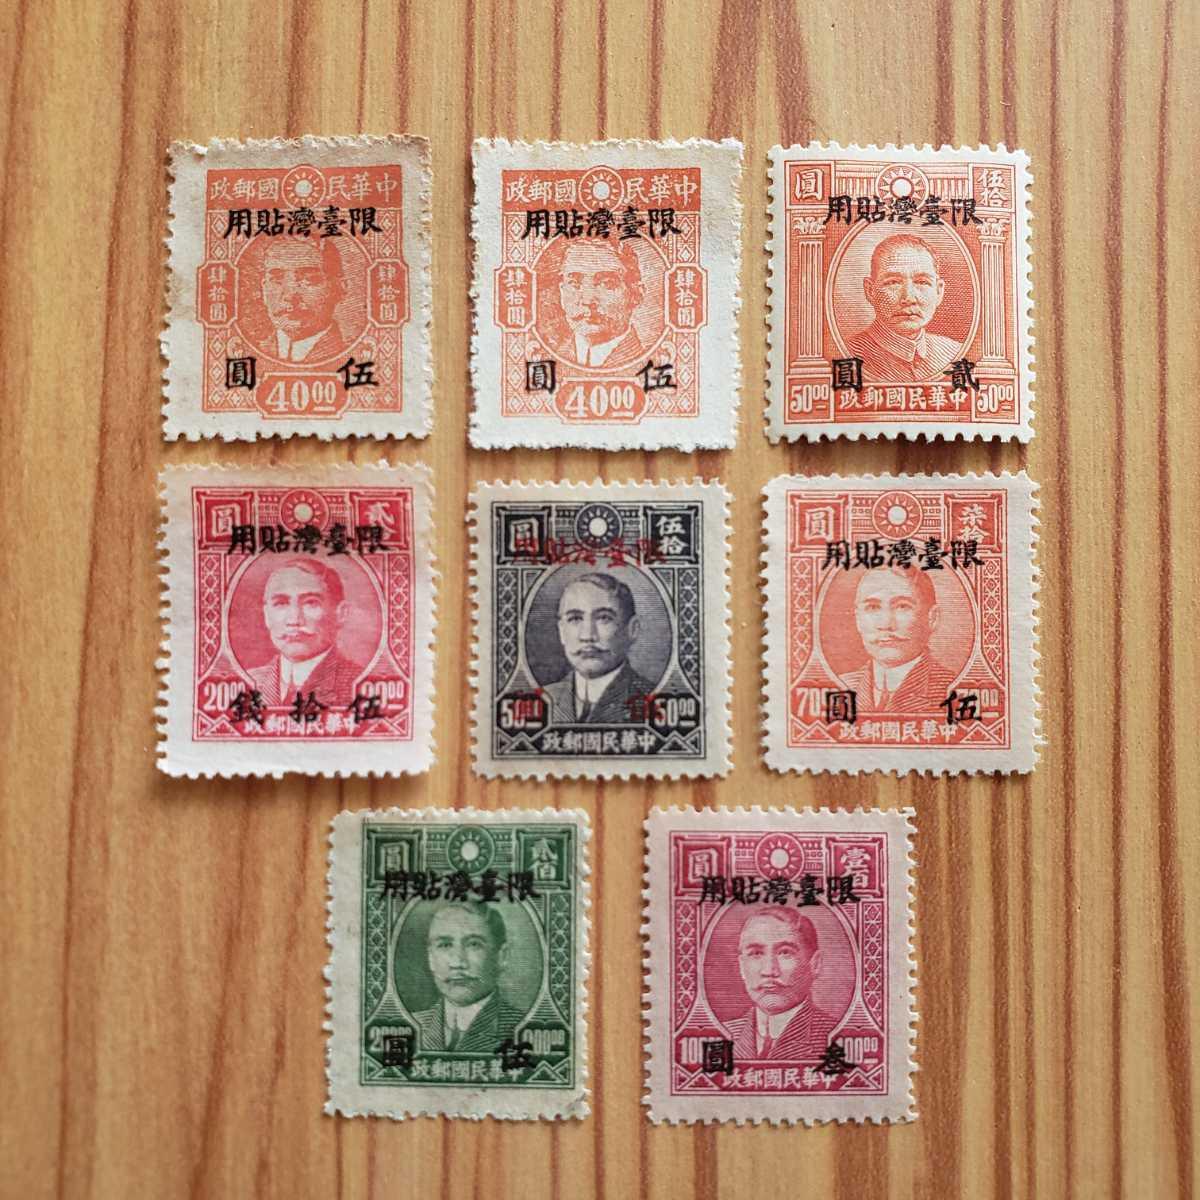 旧中国切手 中華民国郵政 限台湾貼用 加刷★5圓(2枚) ★2圓 ★50銭 ★5圓 ★5圓 ★5圓 ★3圓《未使用》合計8枚